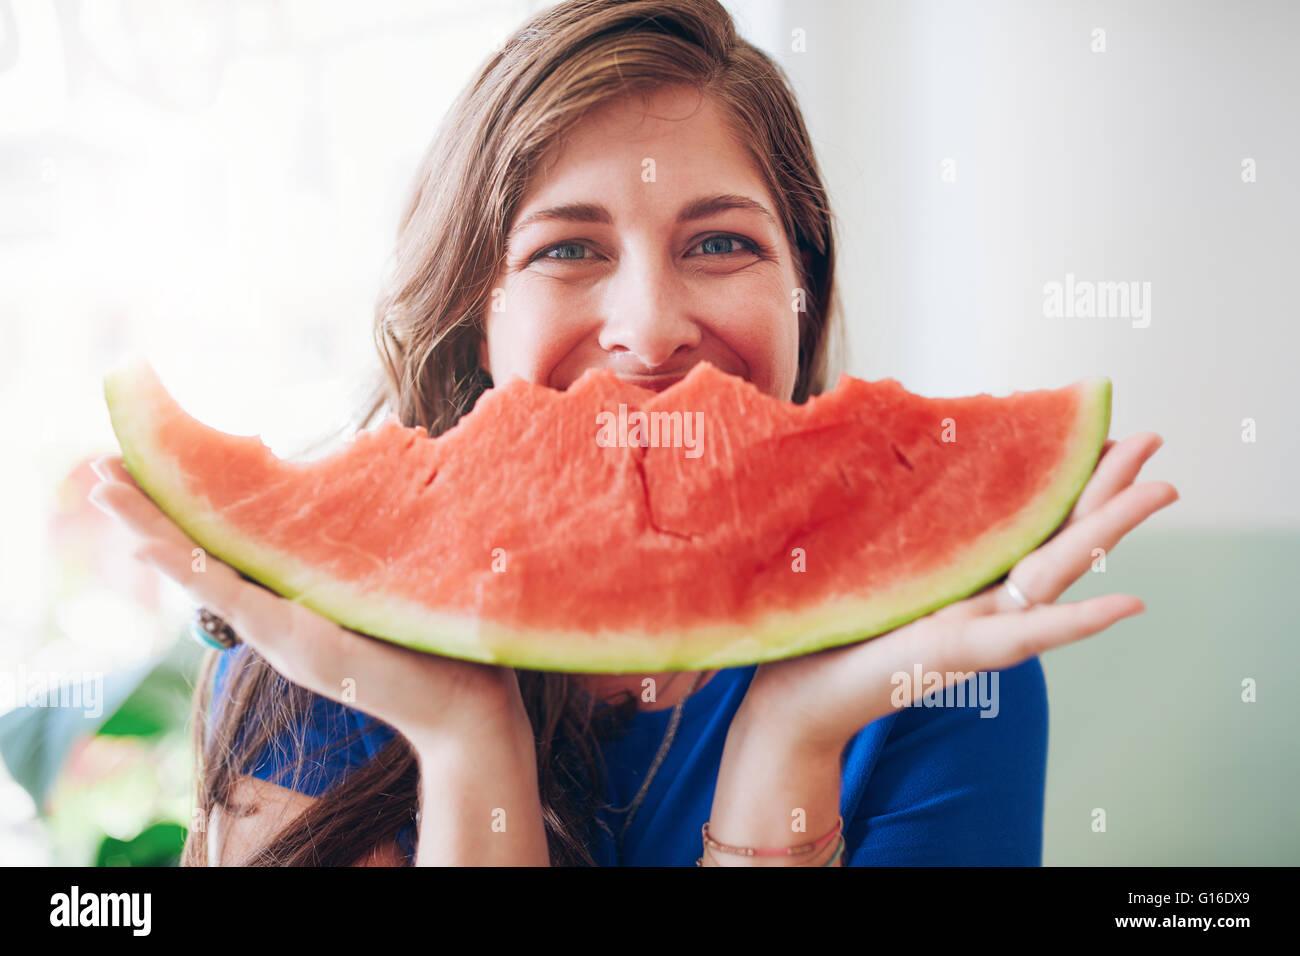 Ritratto di felice giovane donna in possesso di una fetta di cocomero davanti al suo volto. Immagini Stock